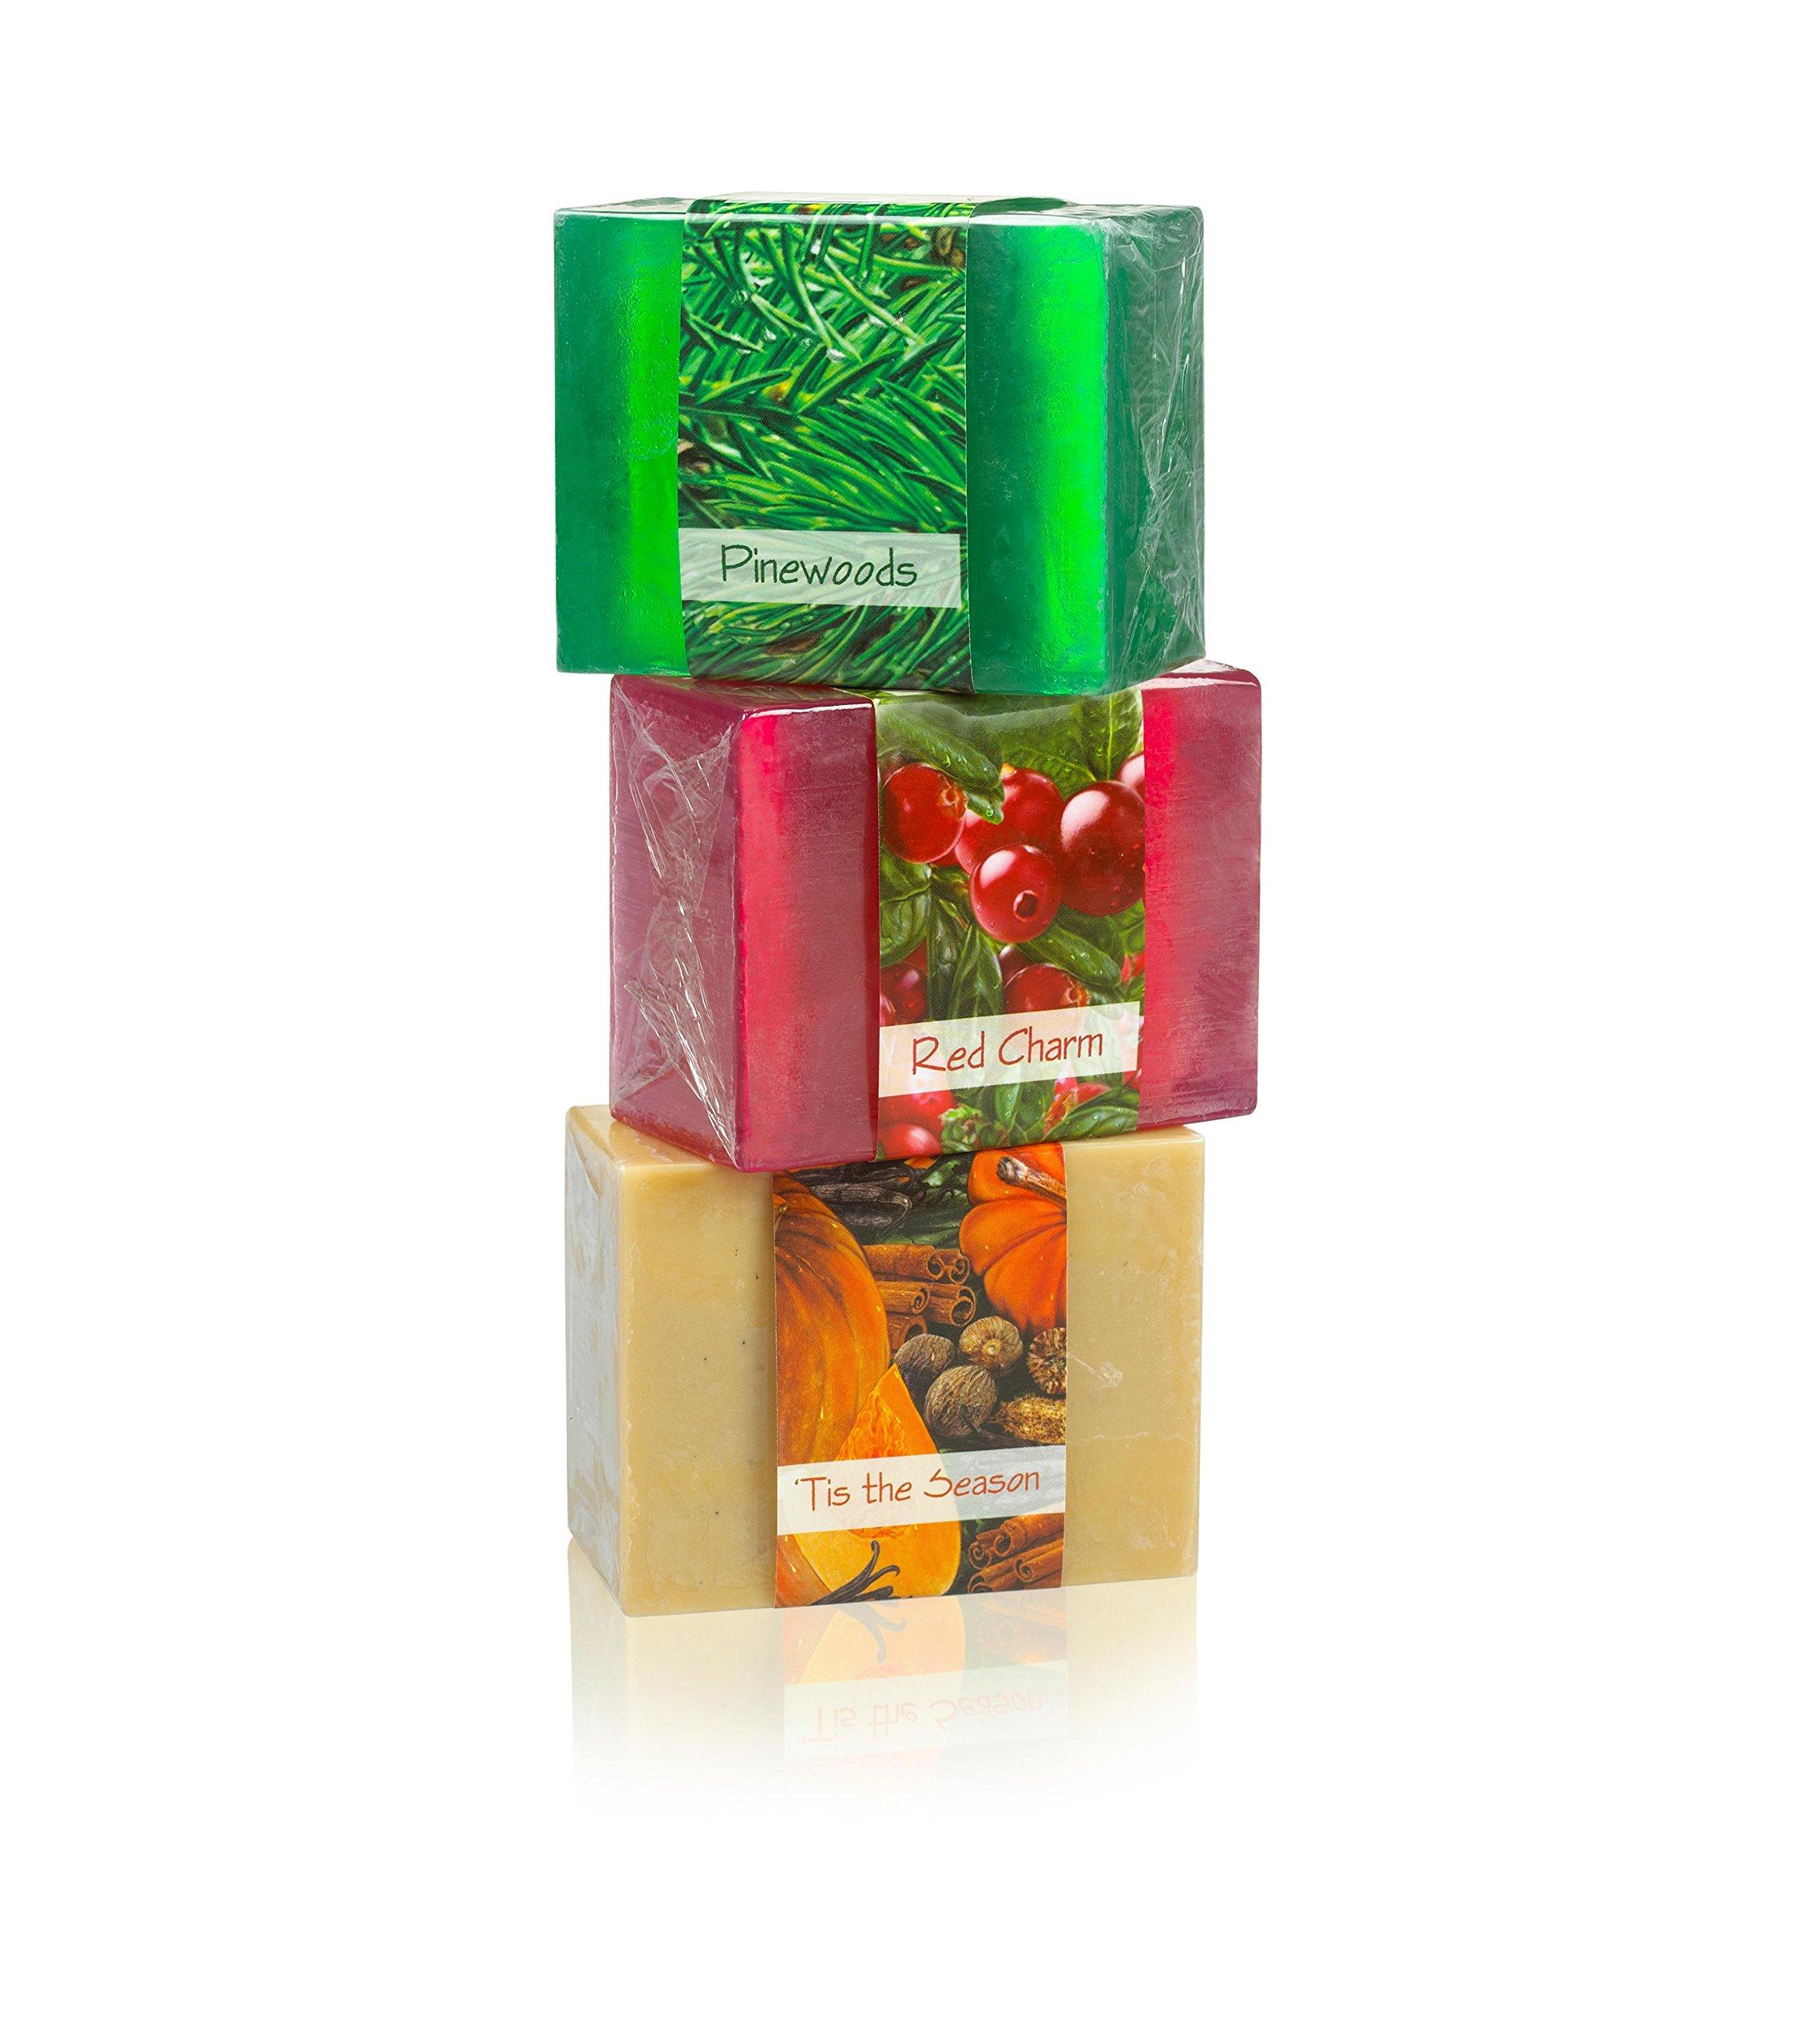 Full Bloom Vegetable Glycerin Bar Soap, 3 Bar Sampler Set # 8, Pine Woods, Red Charm, Tis the Season, 4.5oz/127.5g each